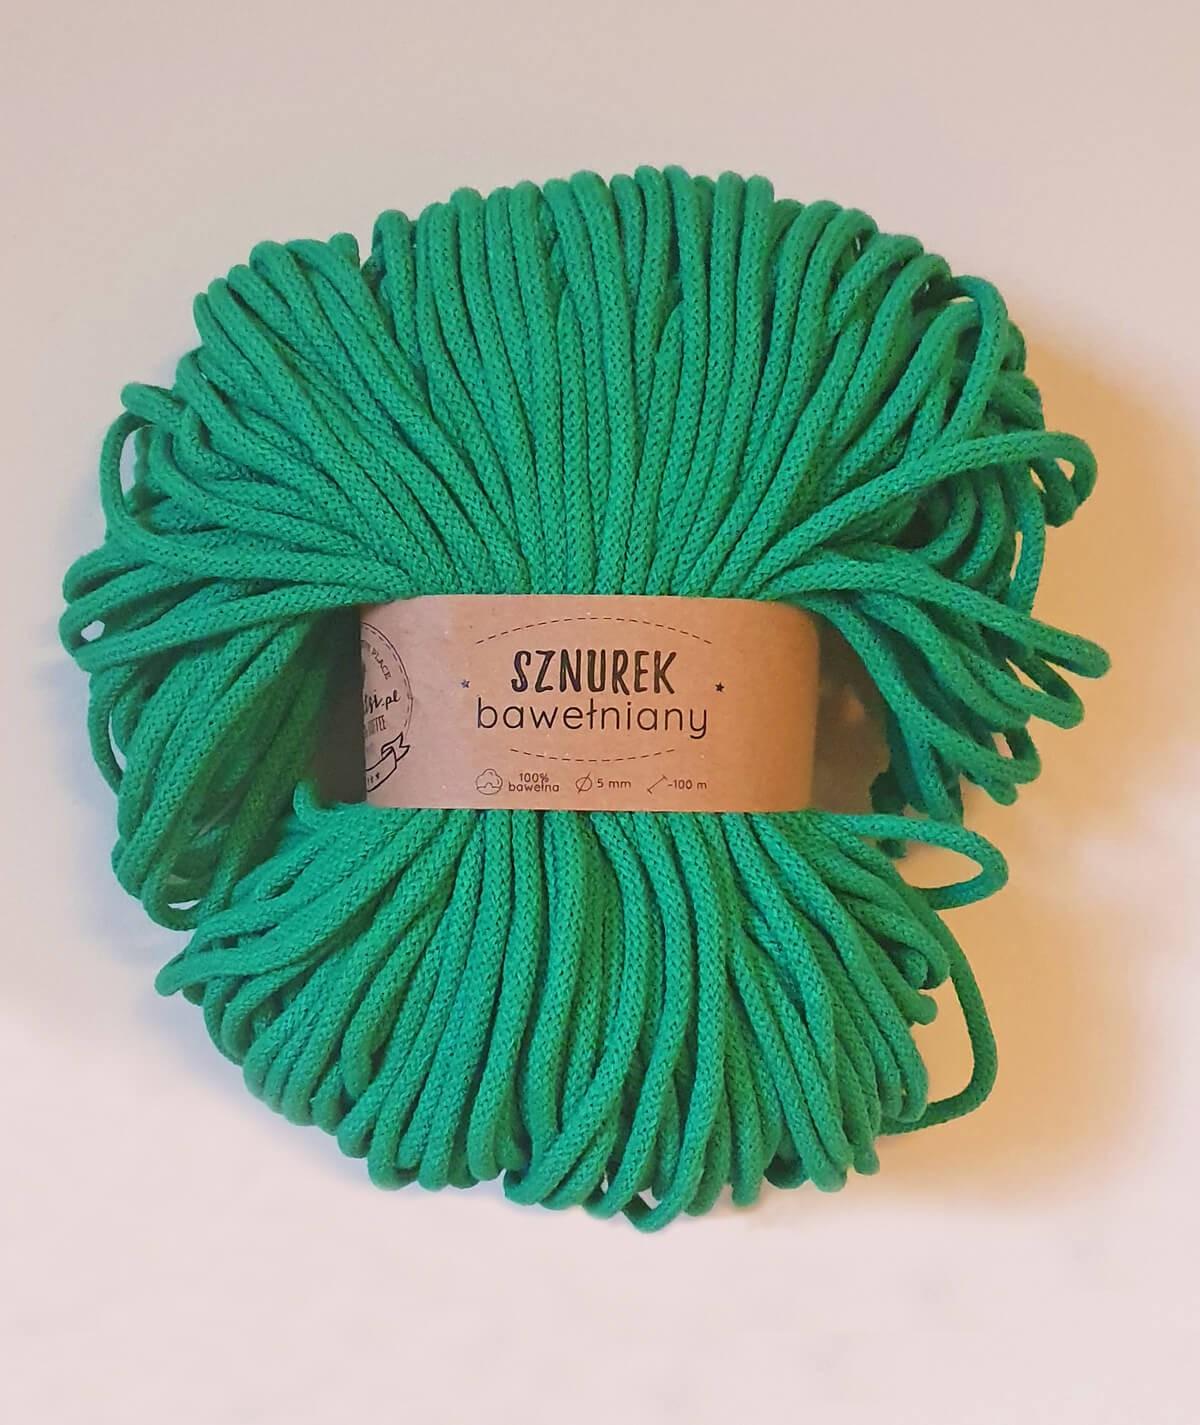 Sznurek bawełniany 5 mm zielony trawka do rękodzieła